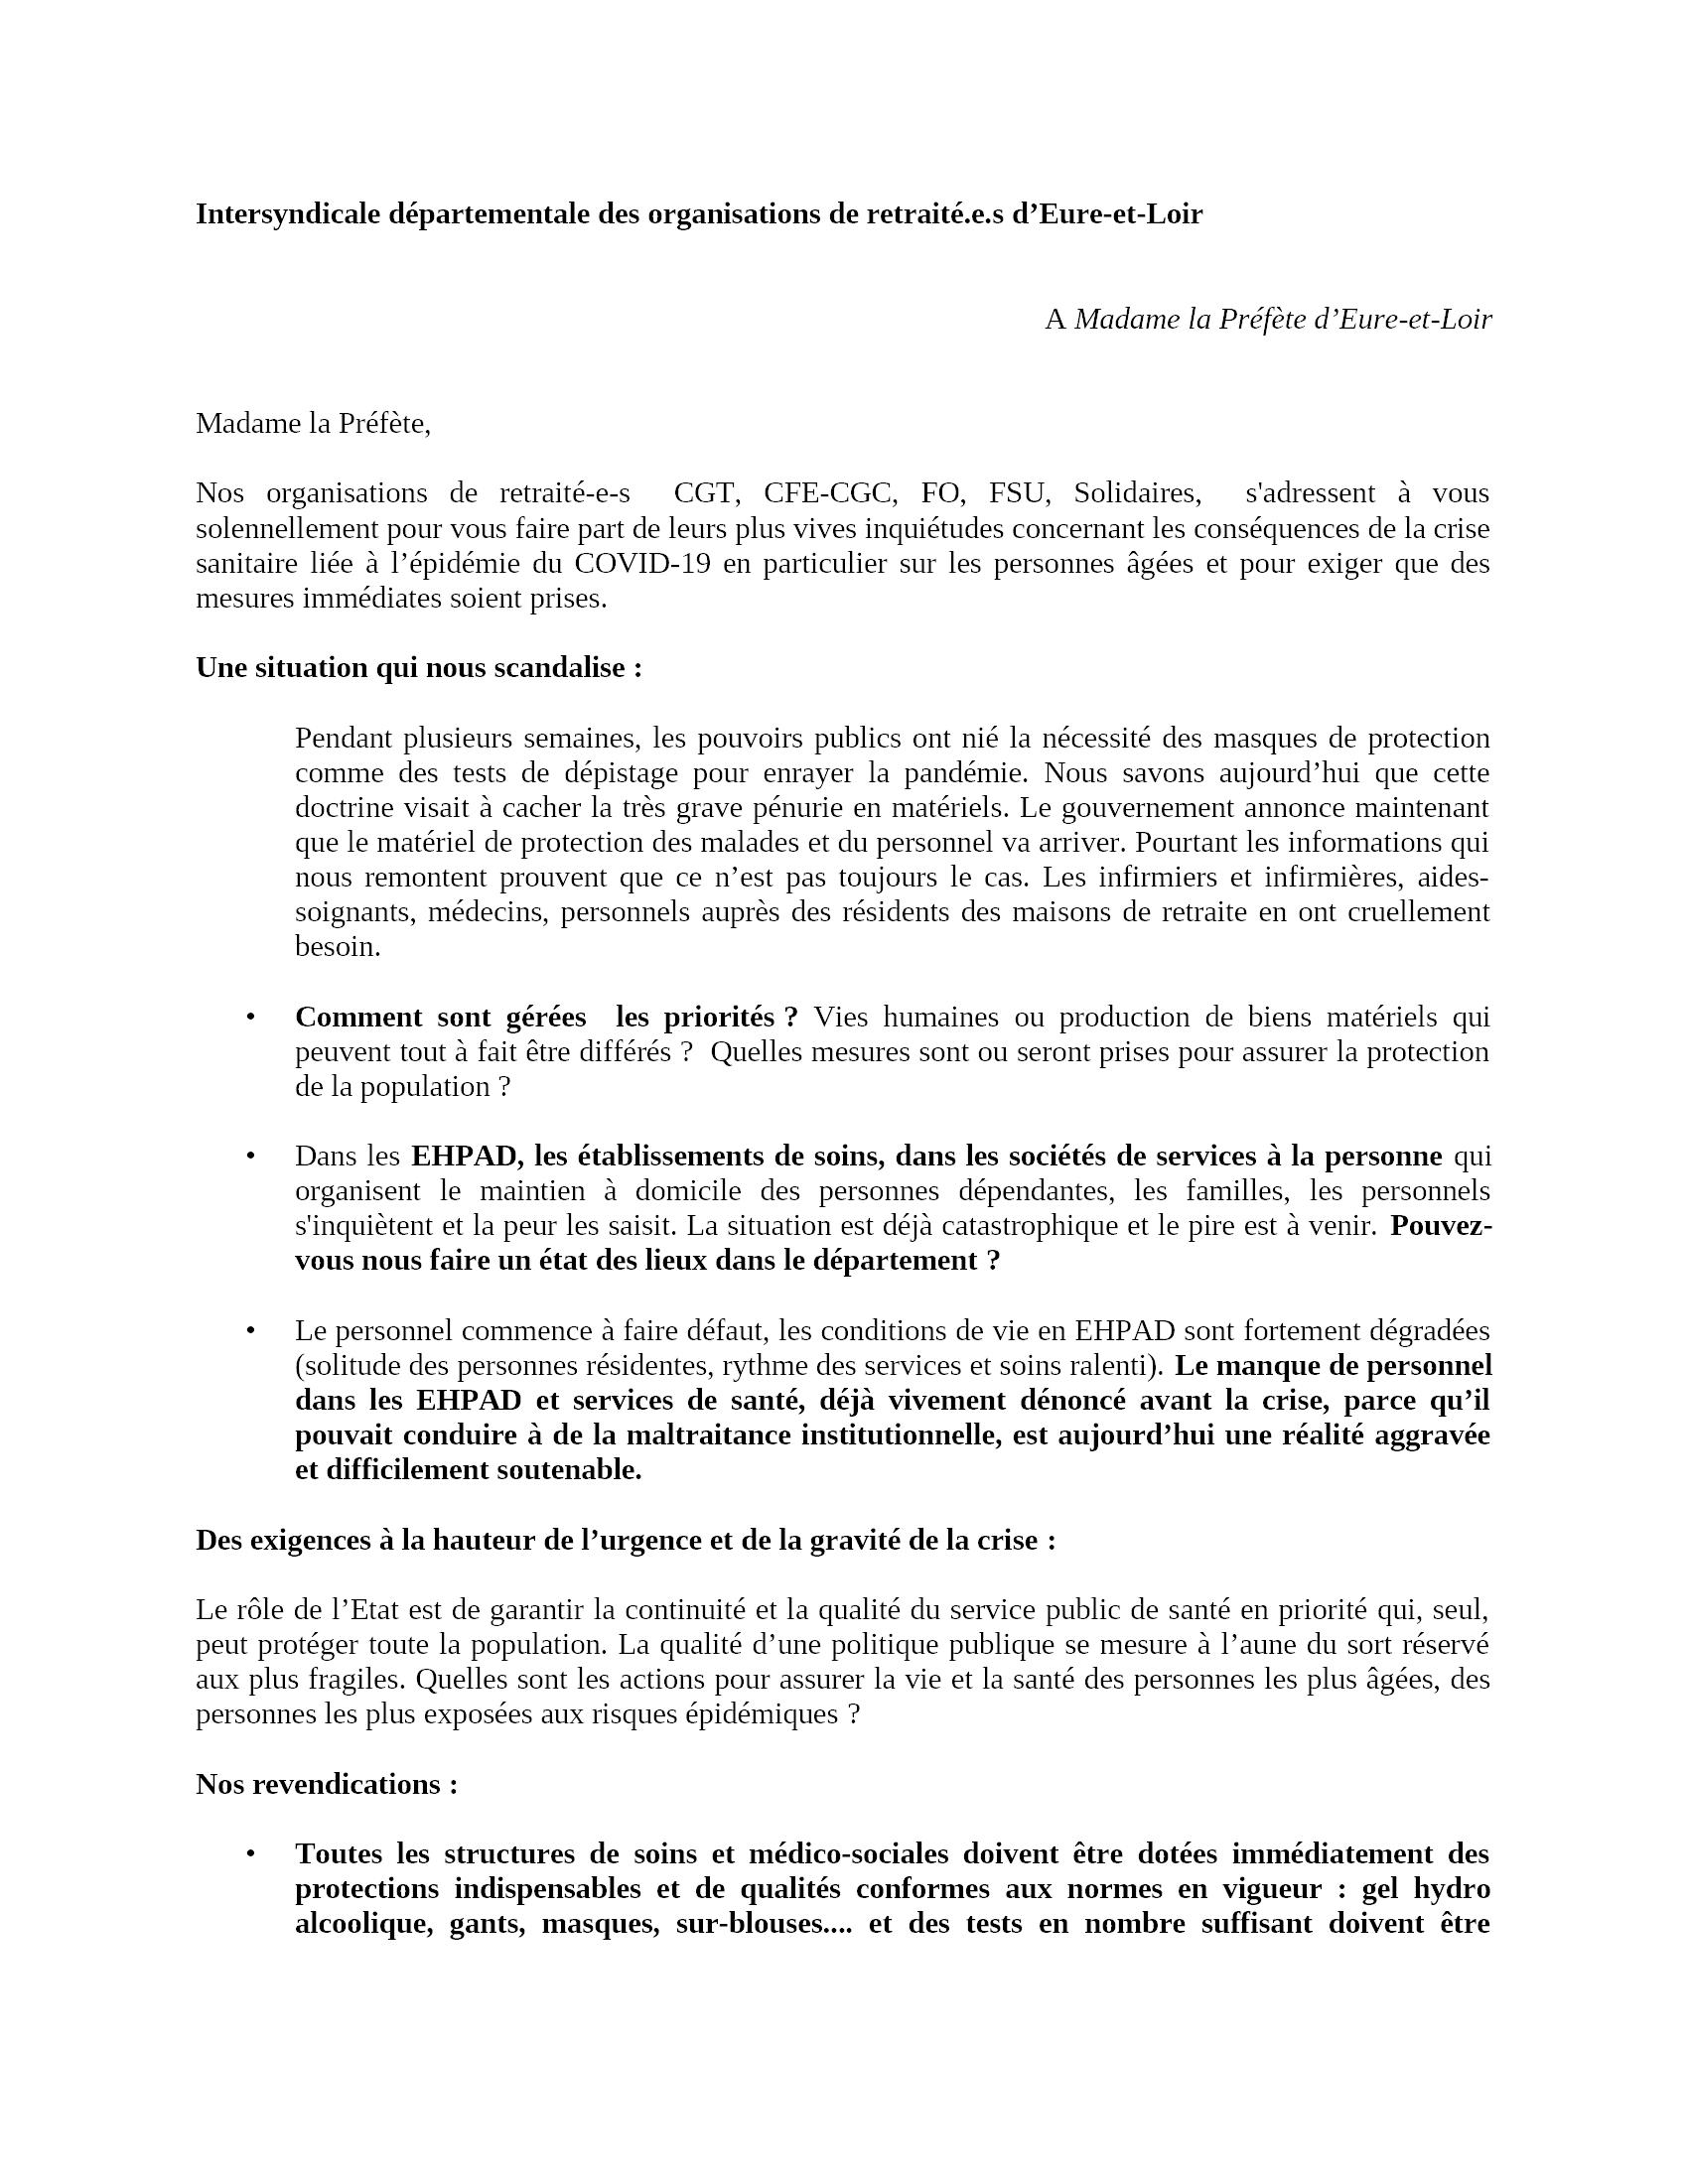 Intersyndicale Retraités-28 Lettre-Madame-la-Préfète 16-04-2020 [R]